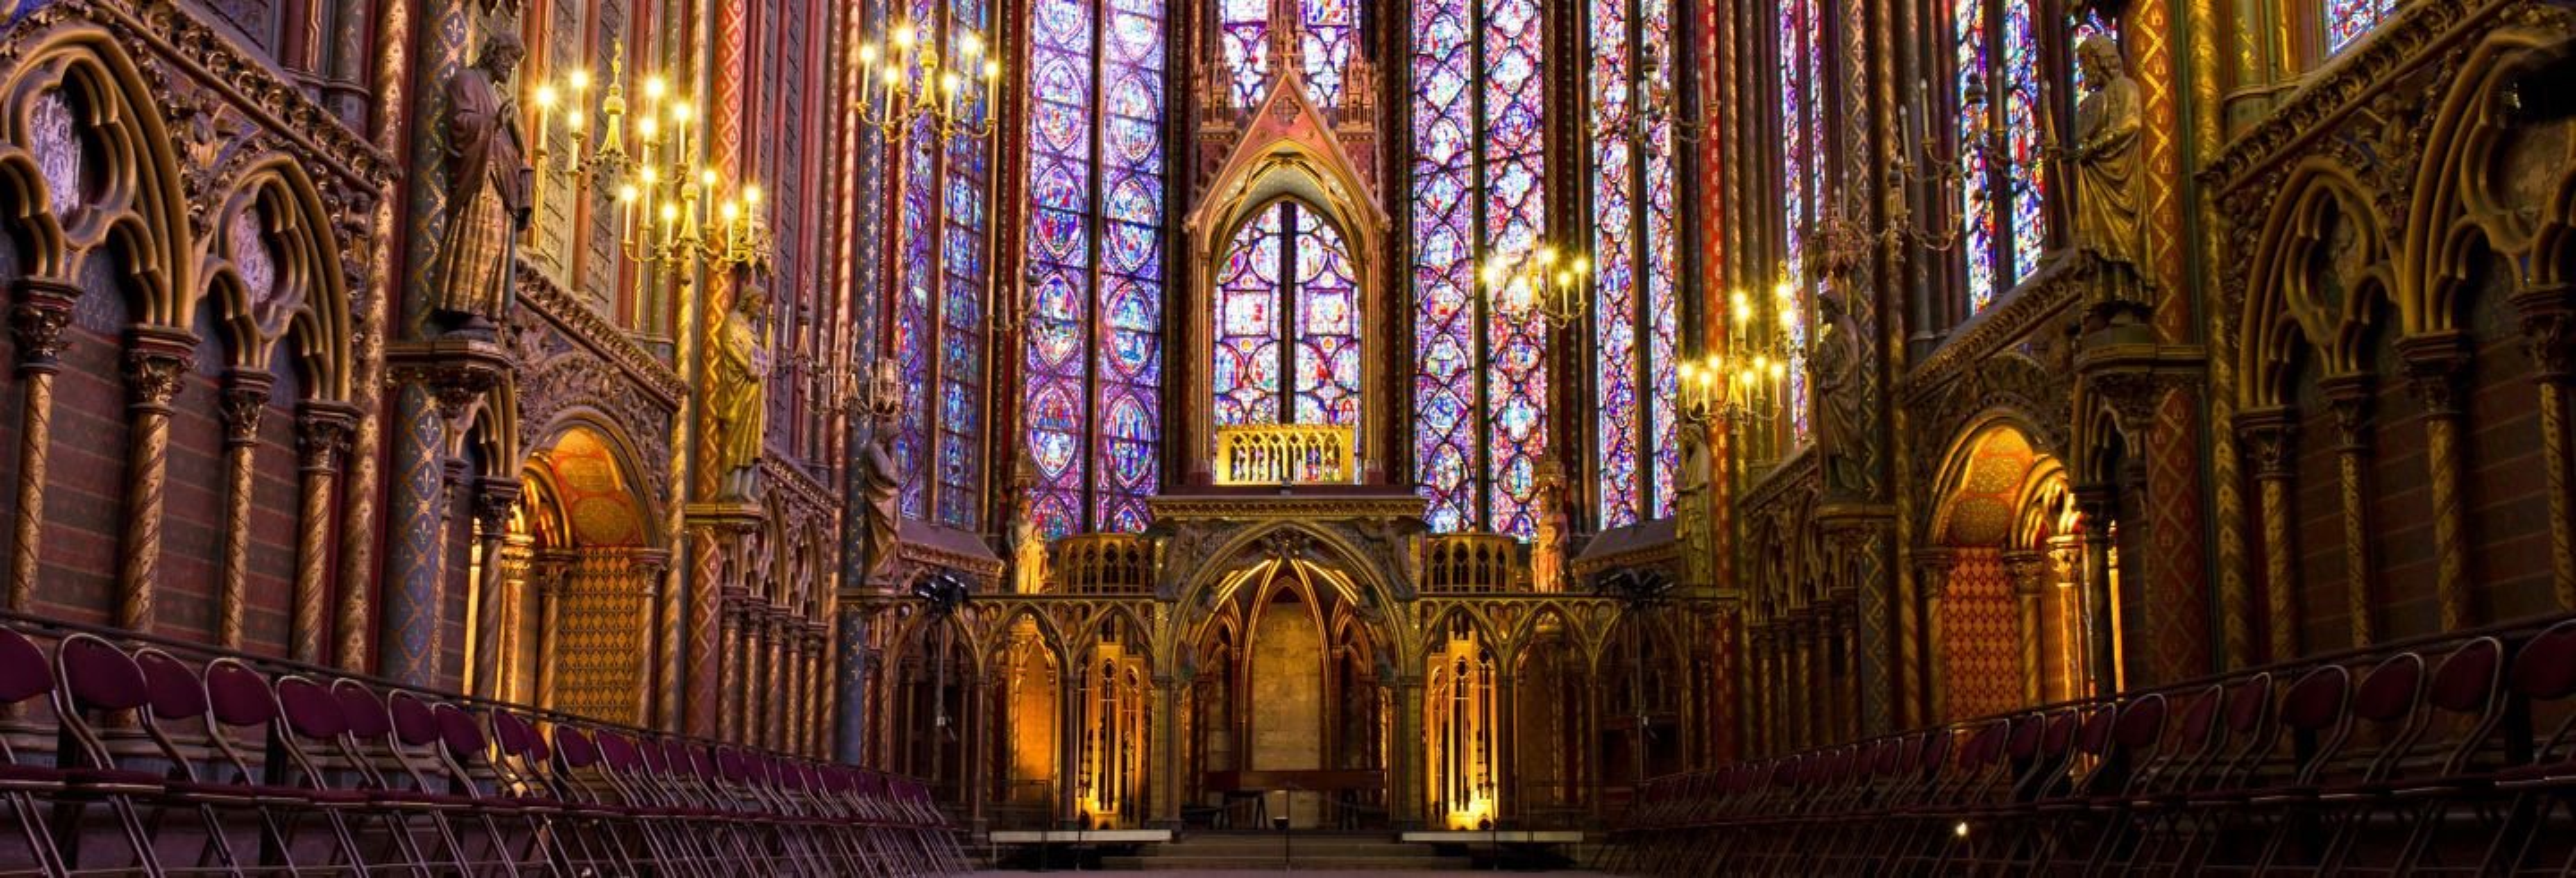 Entrée à la Sainte Chapelle sans file d'attente